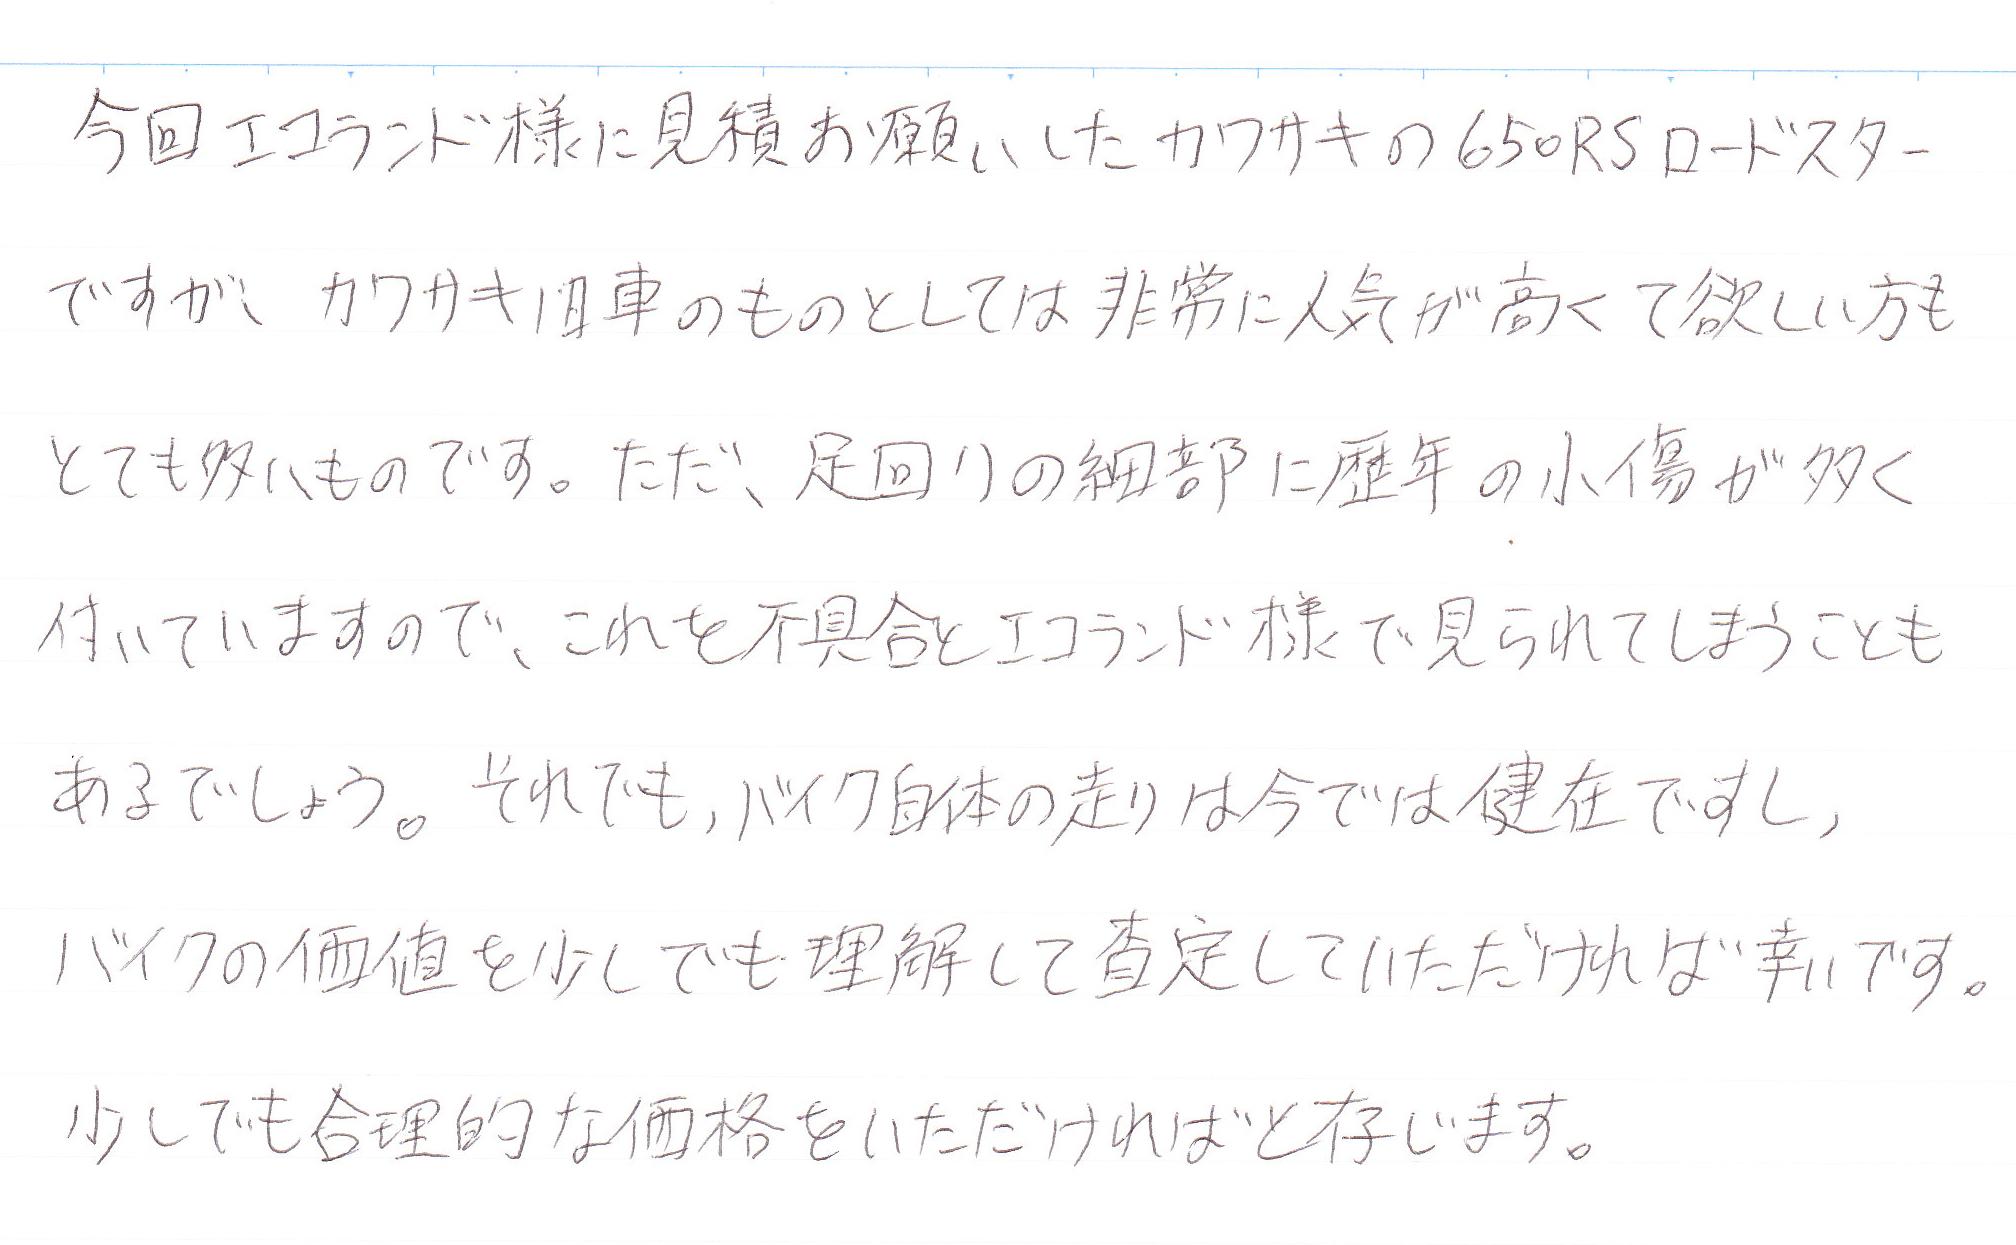 手書き不具合メモ(カワサキ旧車)